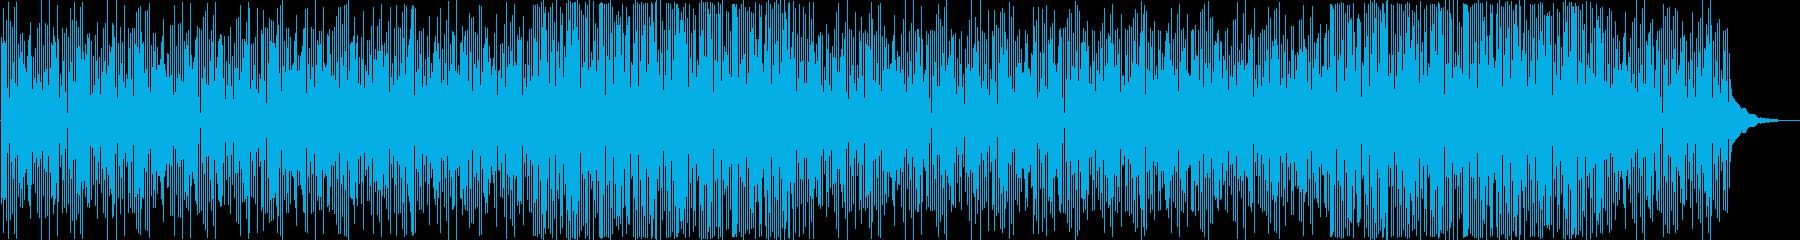 ピアノとアコギ モダンで美しい楽曲 の再生済みの波形